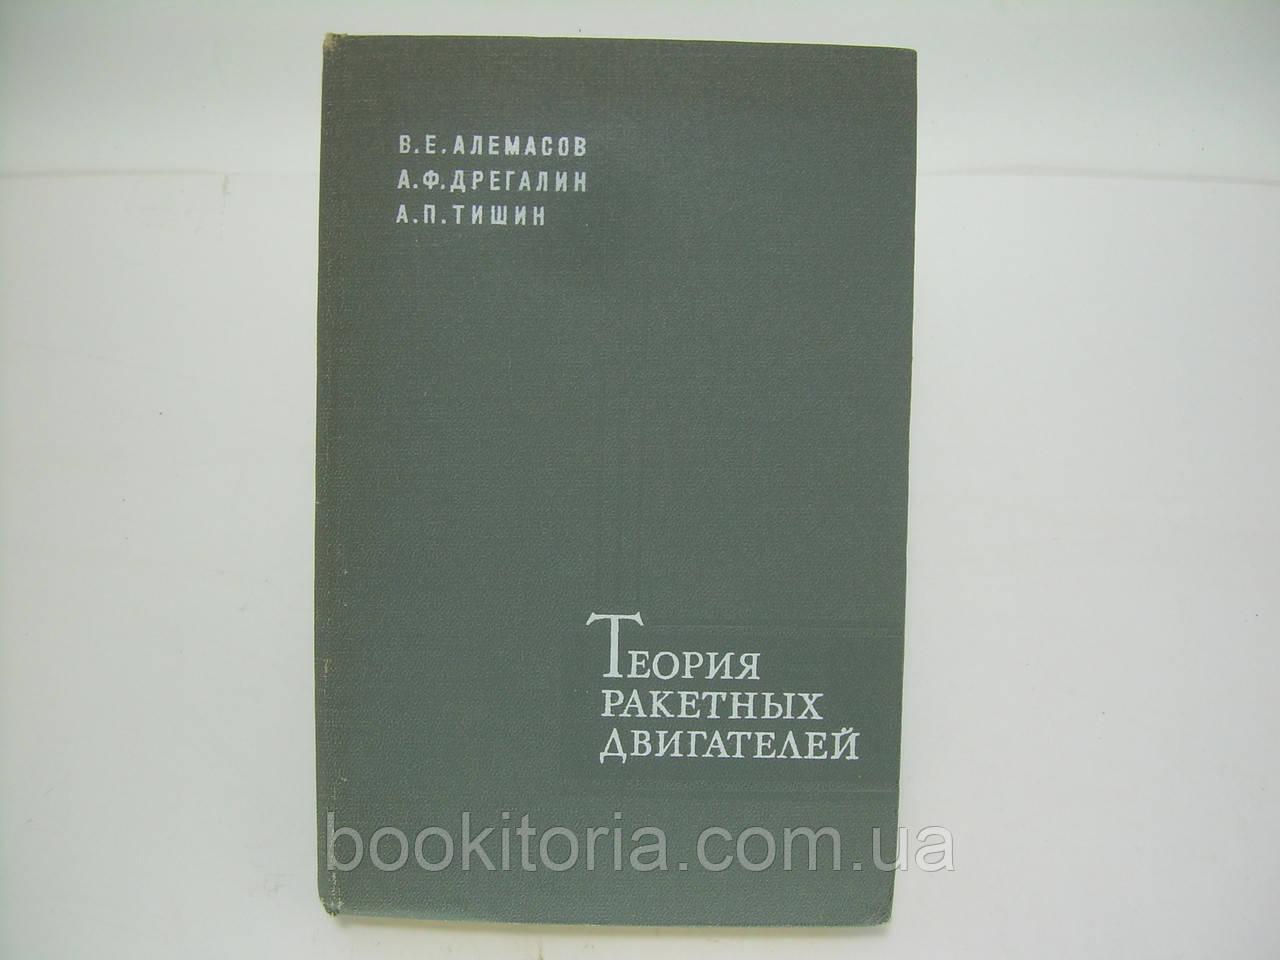 Алемасов В.Е. и др. Теория ракетных двигателей (б/у).